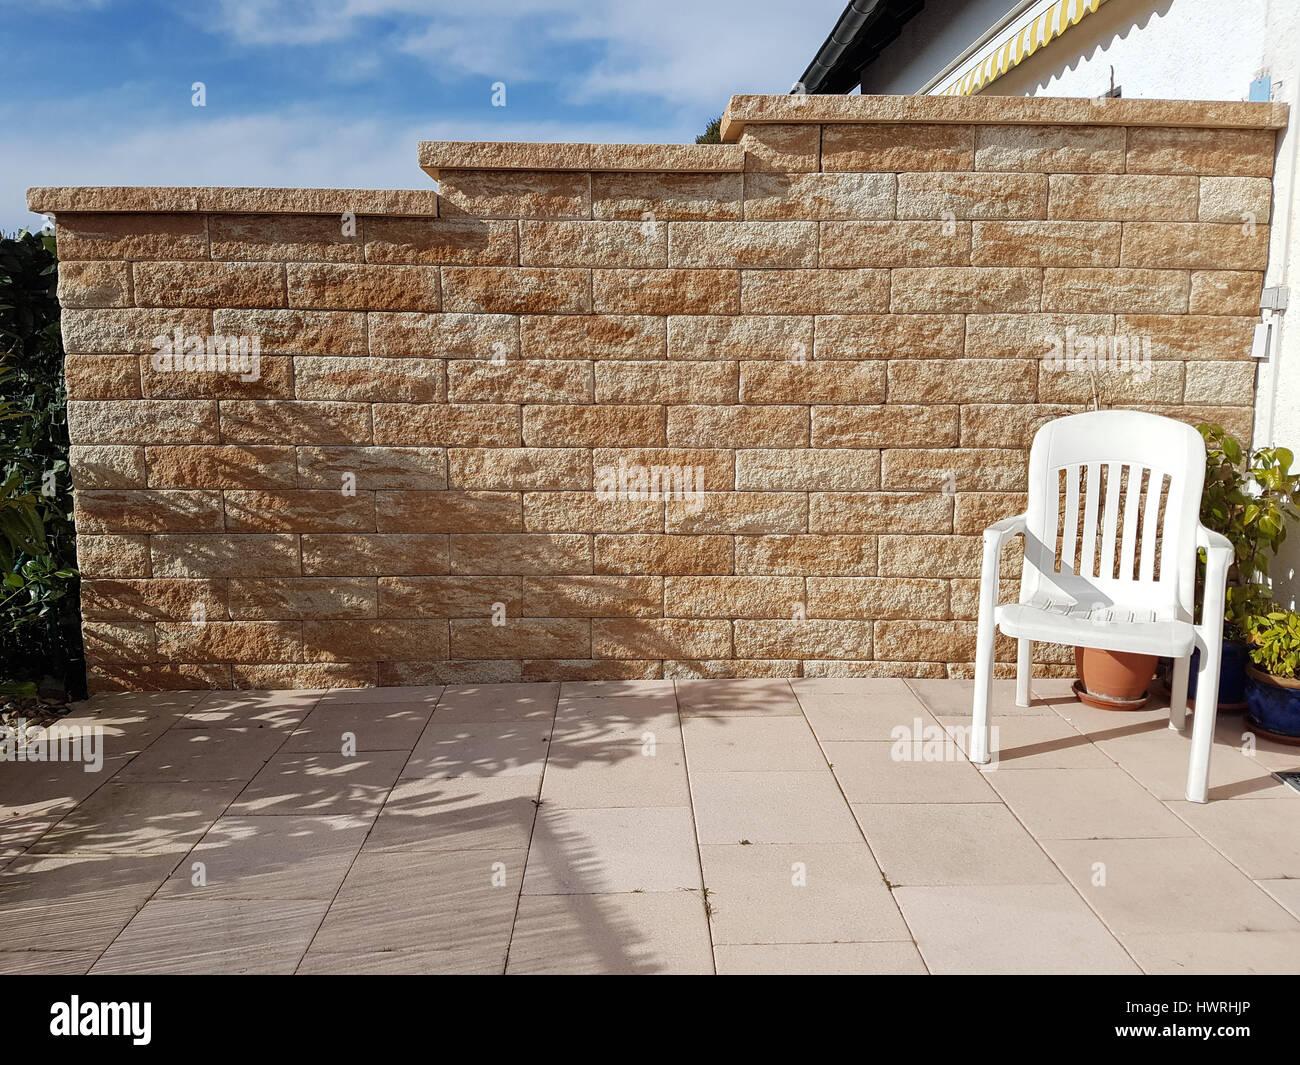 sichtschutz mauer gemauert stockfoto bild 136357726 alamy. Black Bedroom Furniture Sets. Home Design Ideas